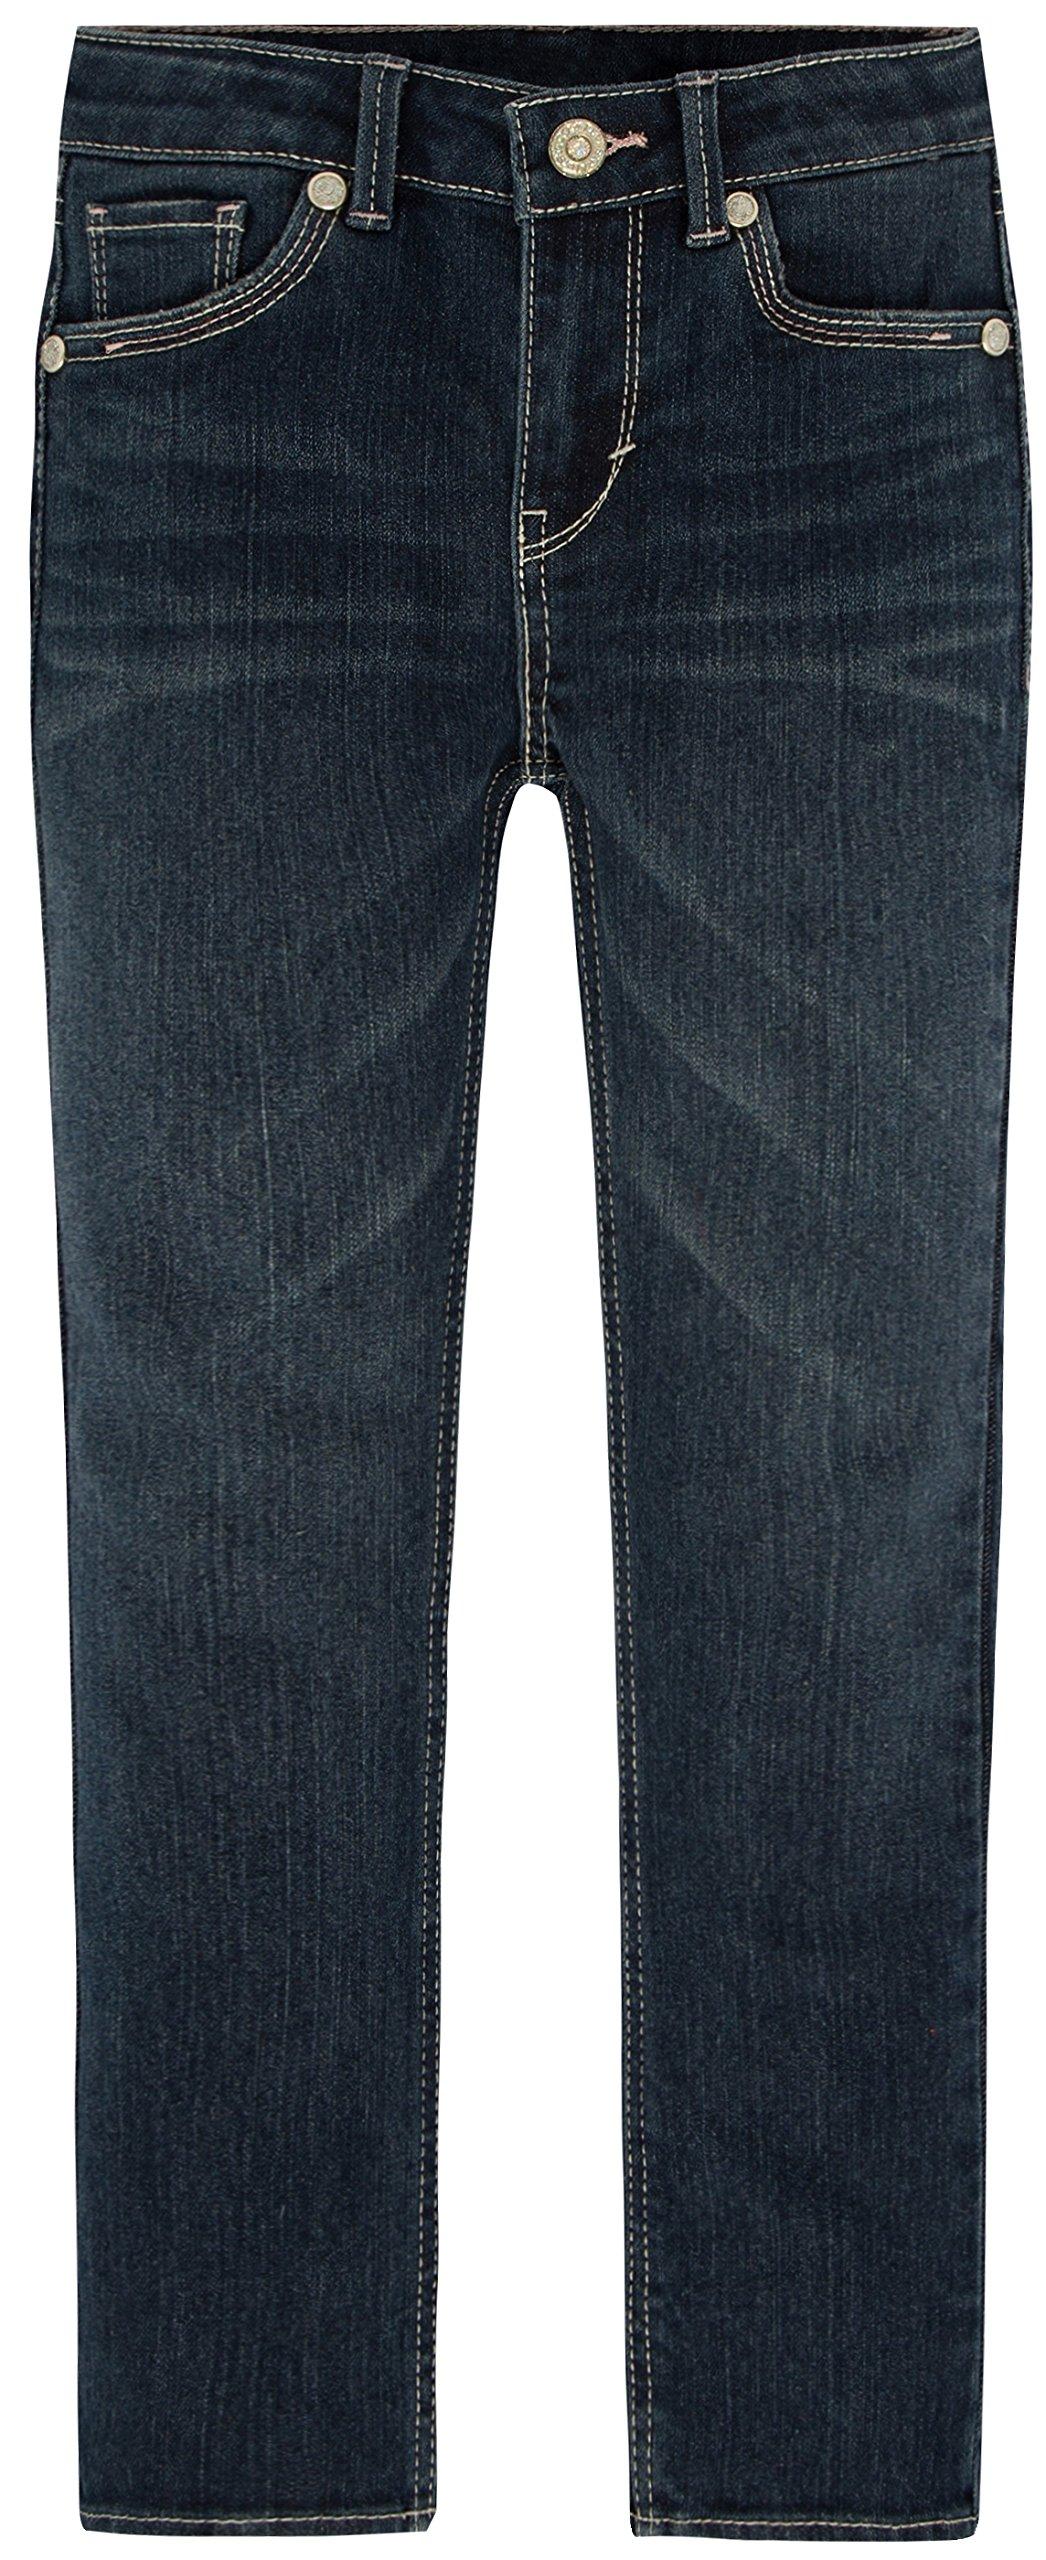 Levi's Girls' 711 Skinny Fit Jeans , Trinity, 6X